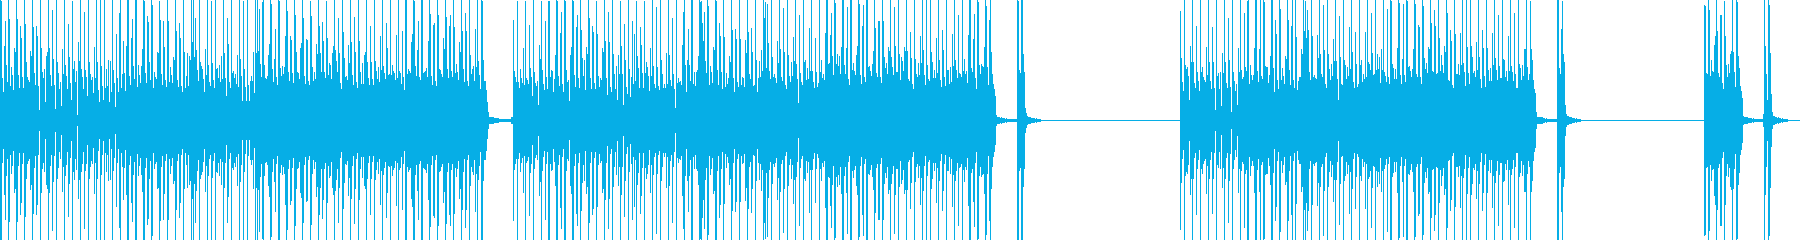 スピード感ある響きが綺麗なメロディーの再生済みの波形